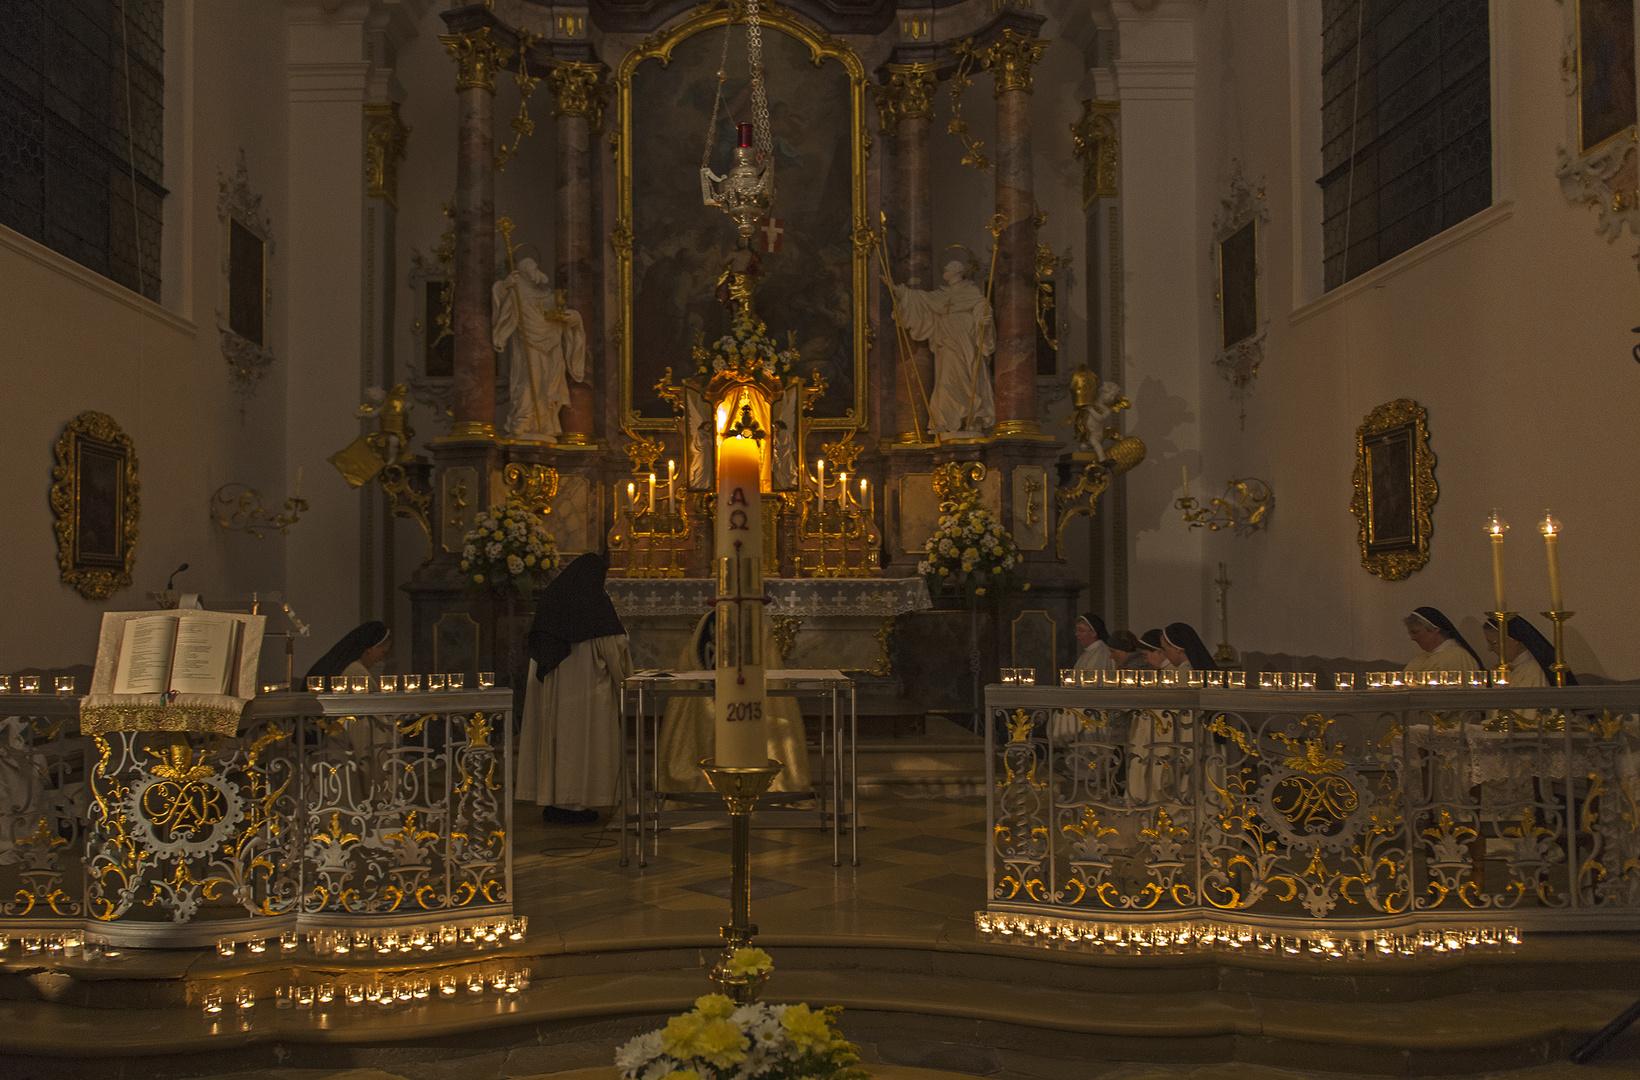 Jugendvigil iin der Abtei Oberschönenfeld 2